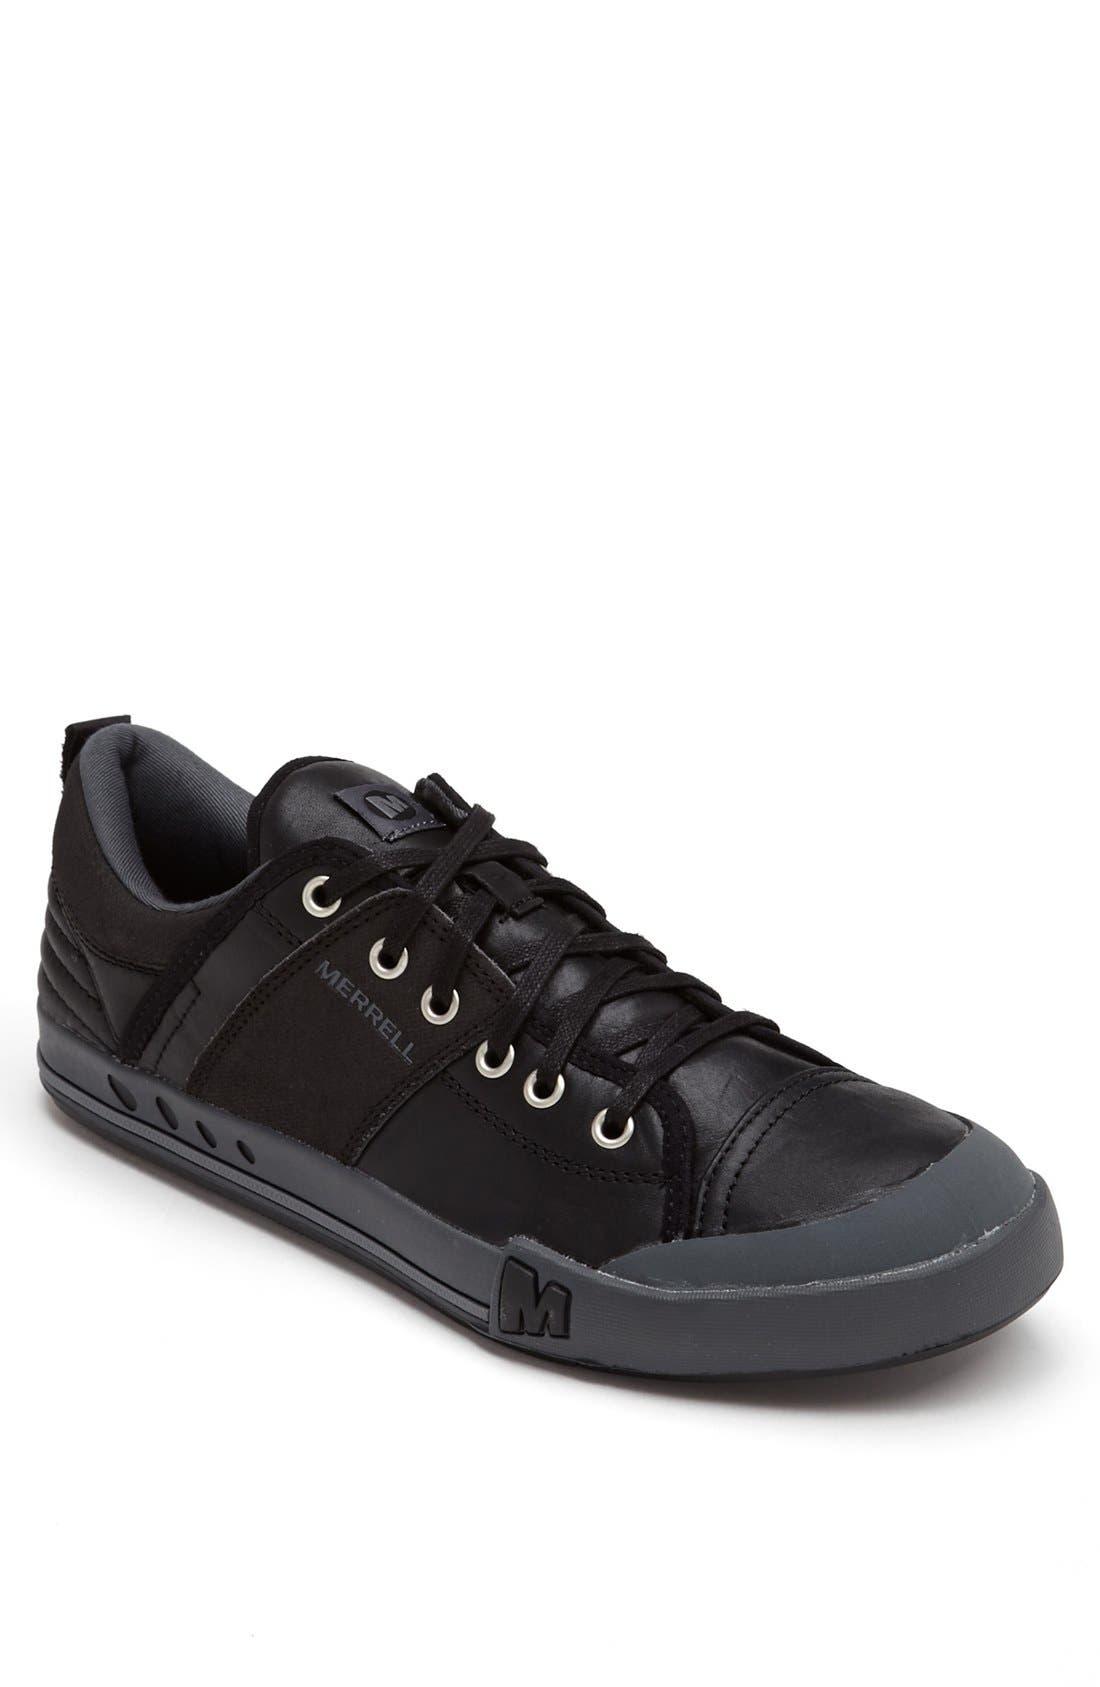 Alternate Image 1 Selected - Merrell 'Rant Evo' Sneaker